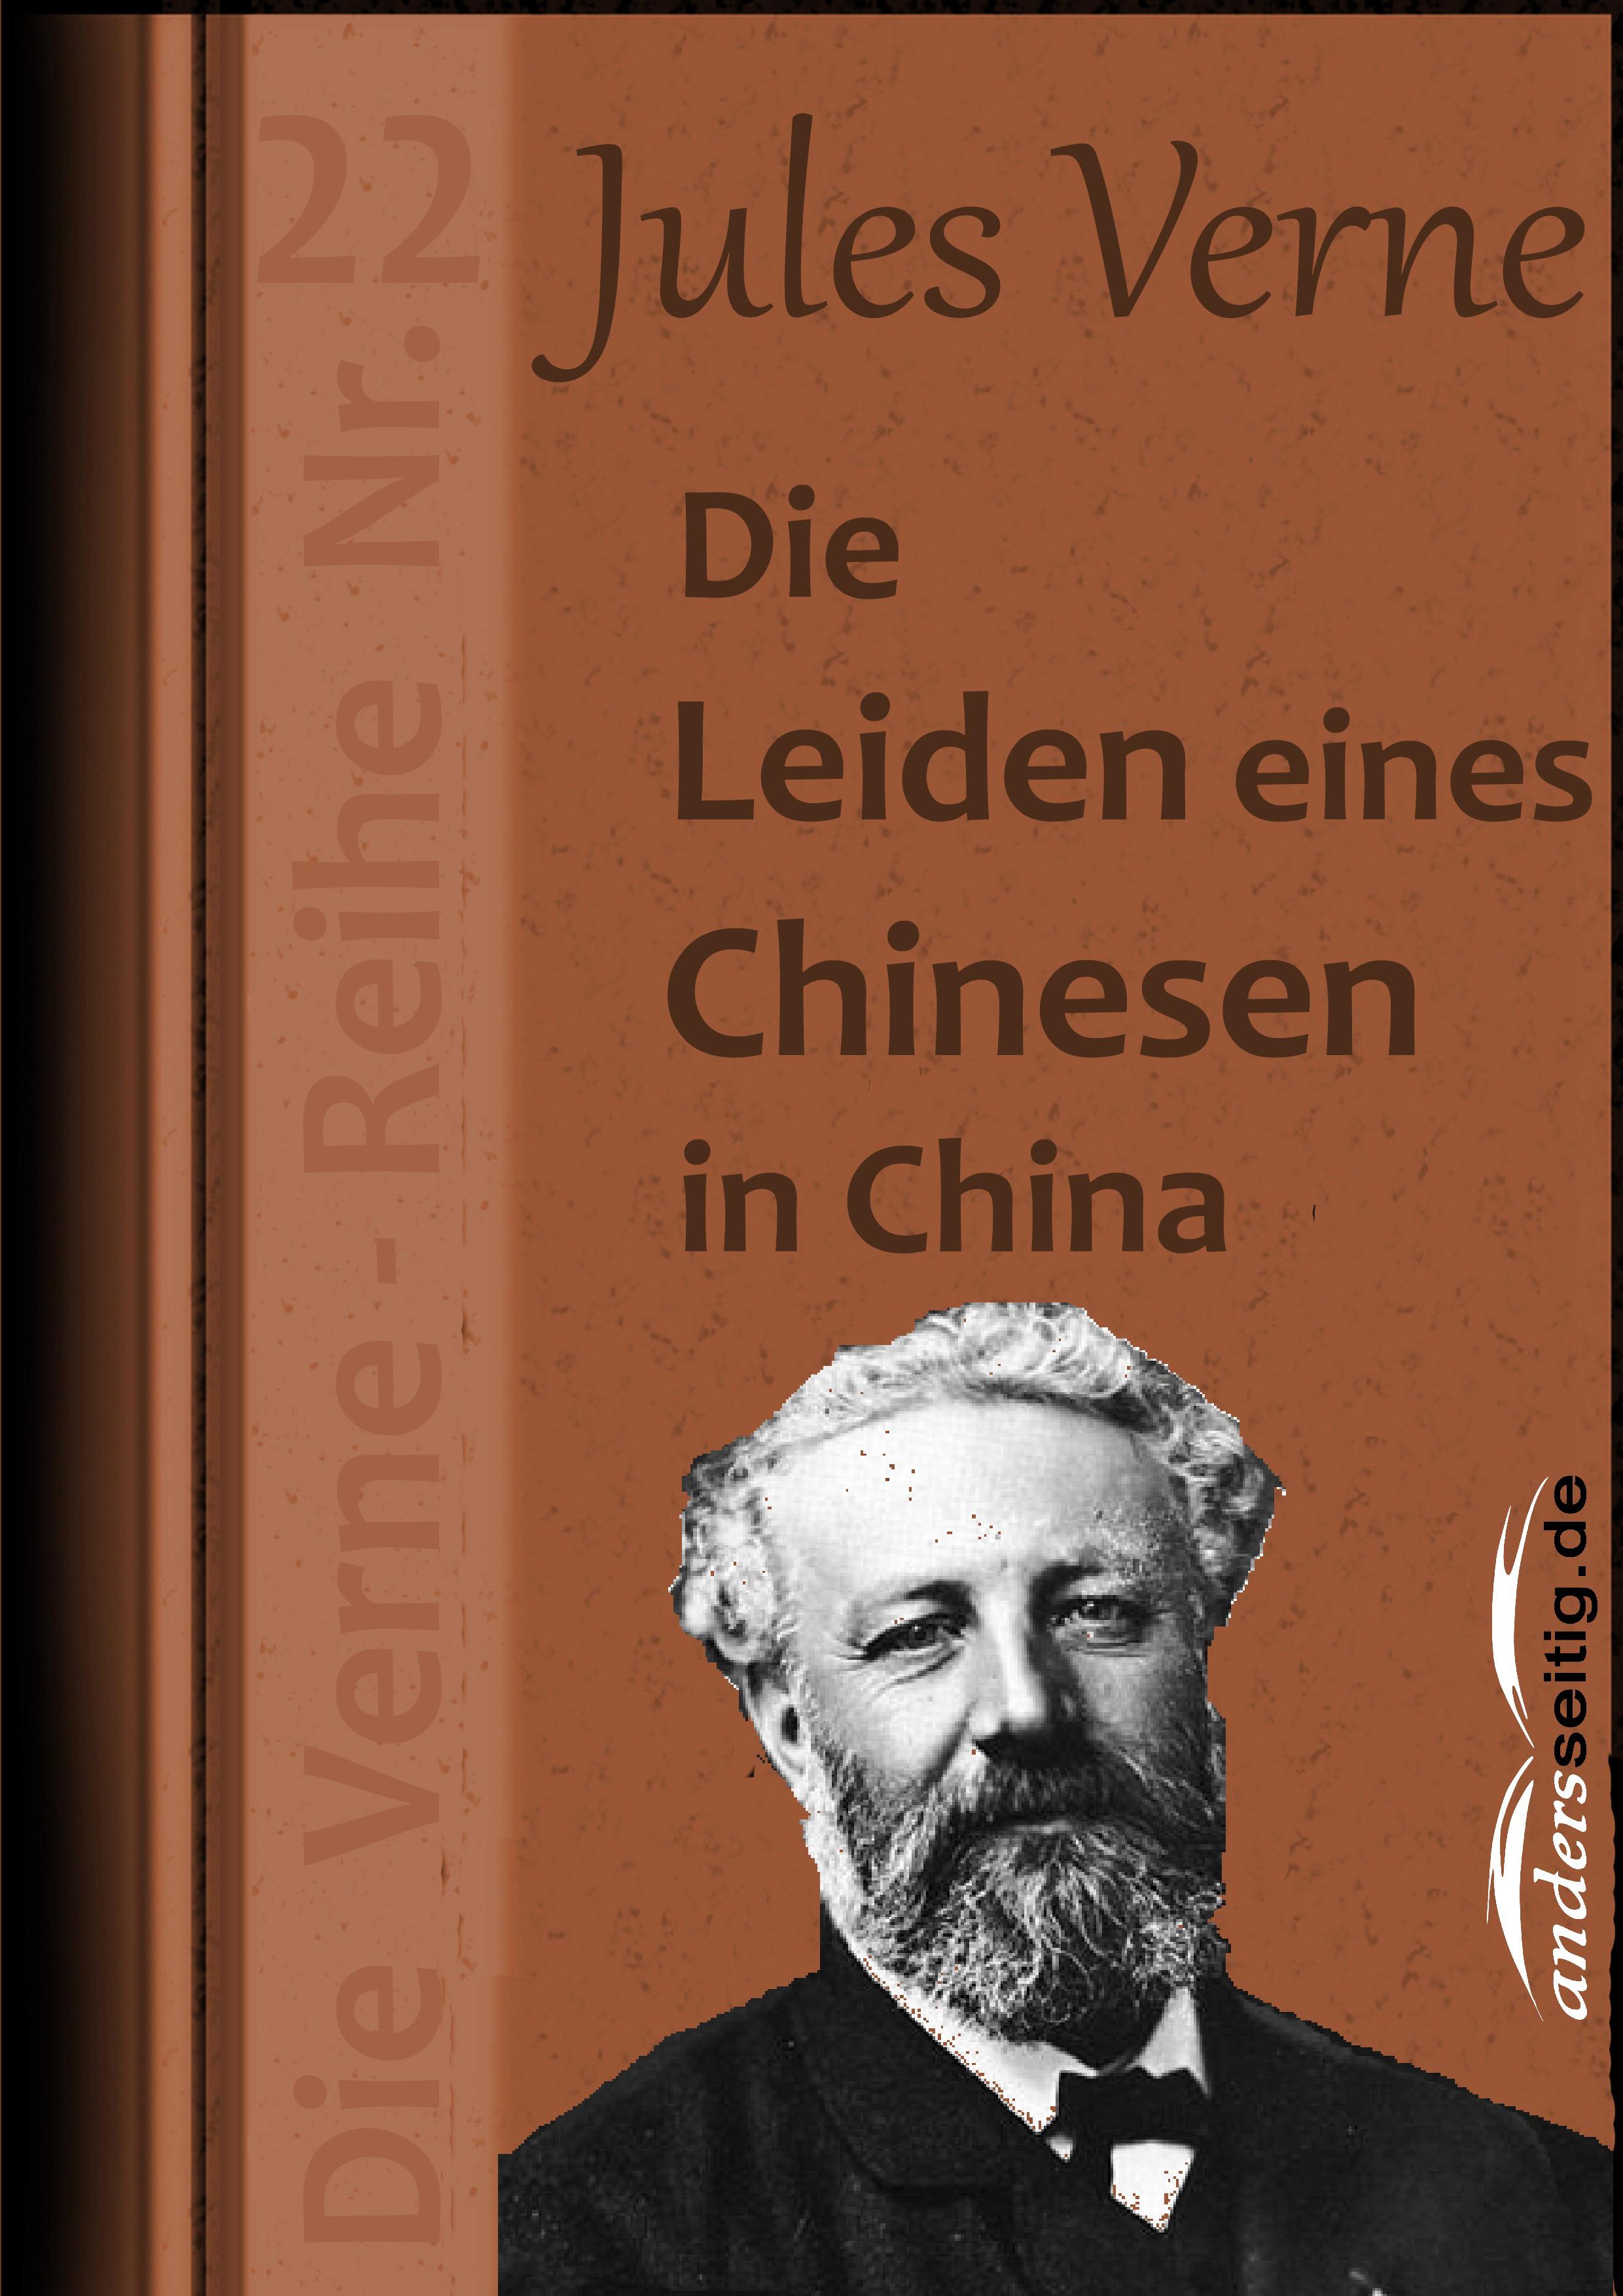 die leiden eines chinesen in china